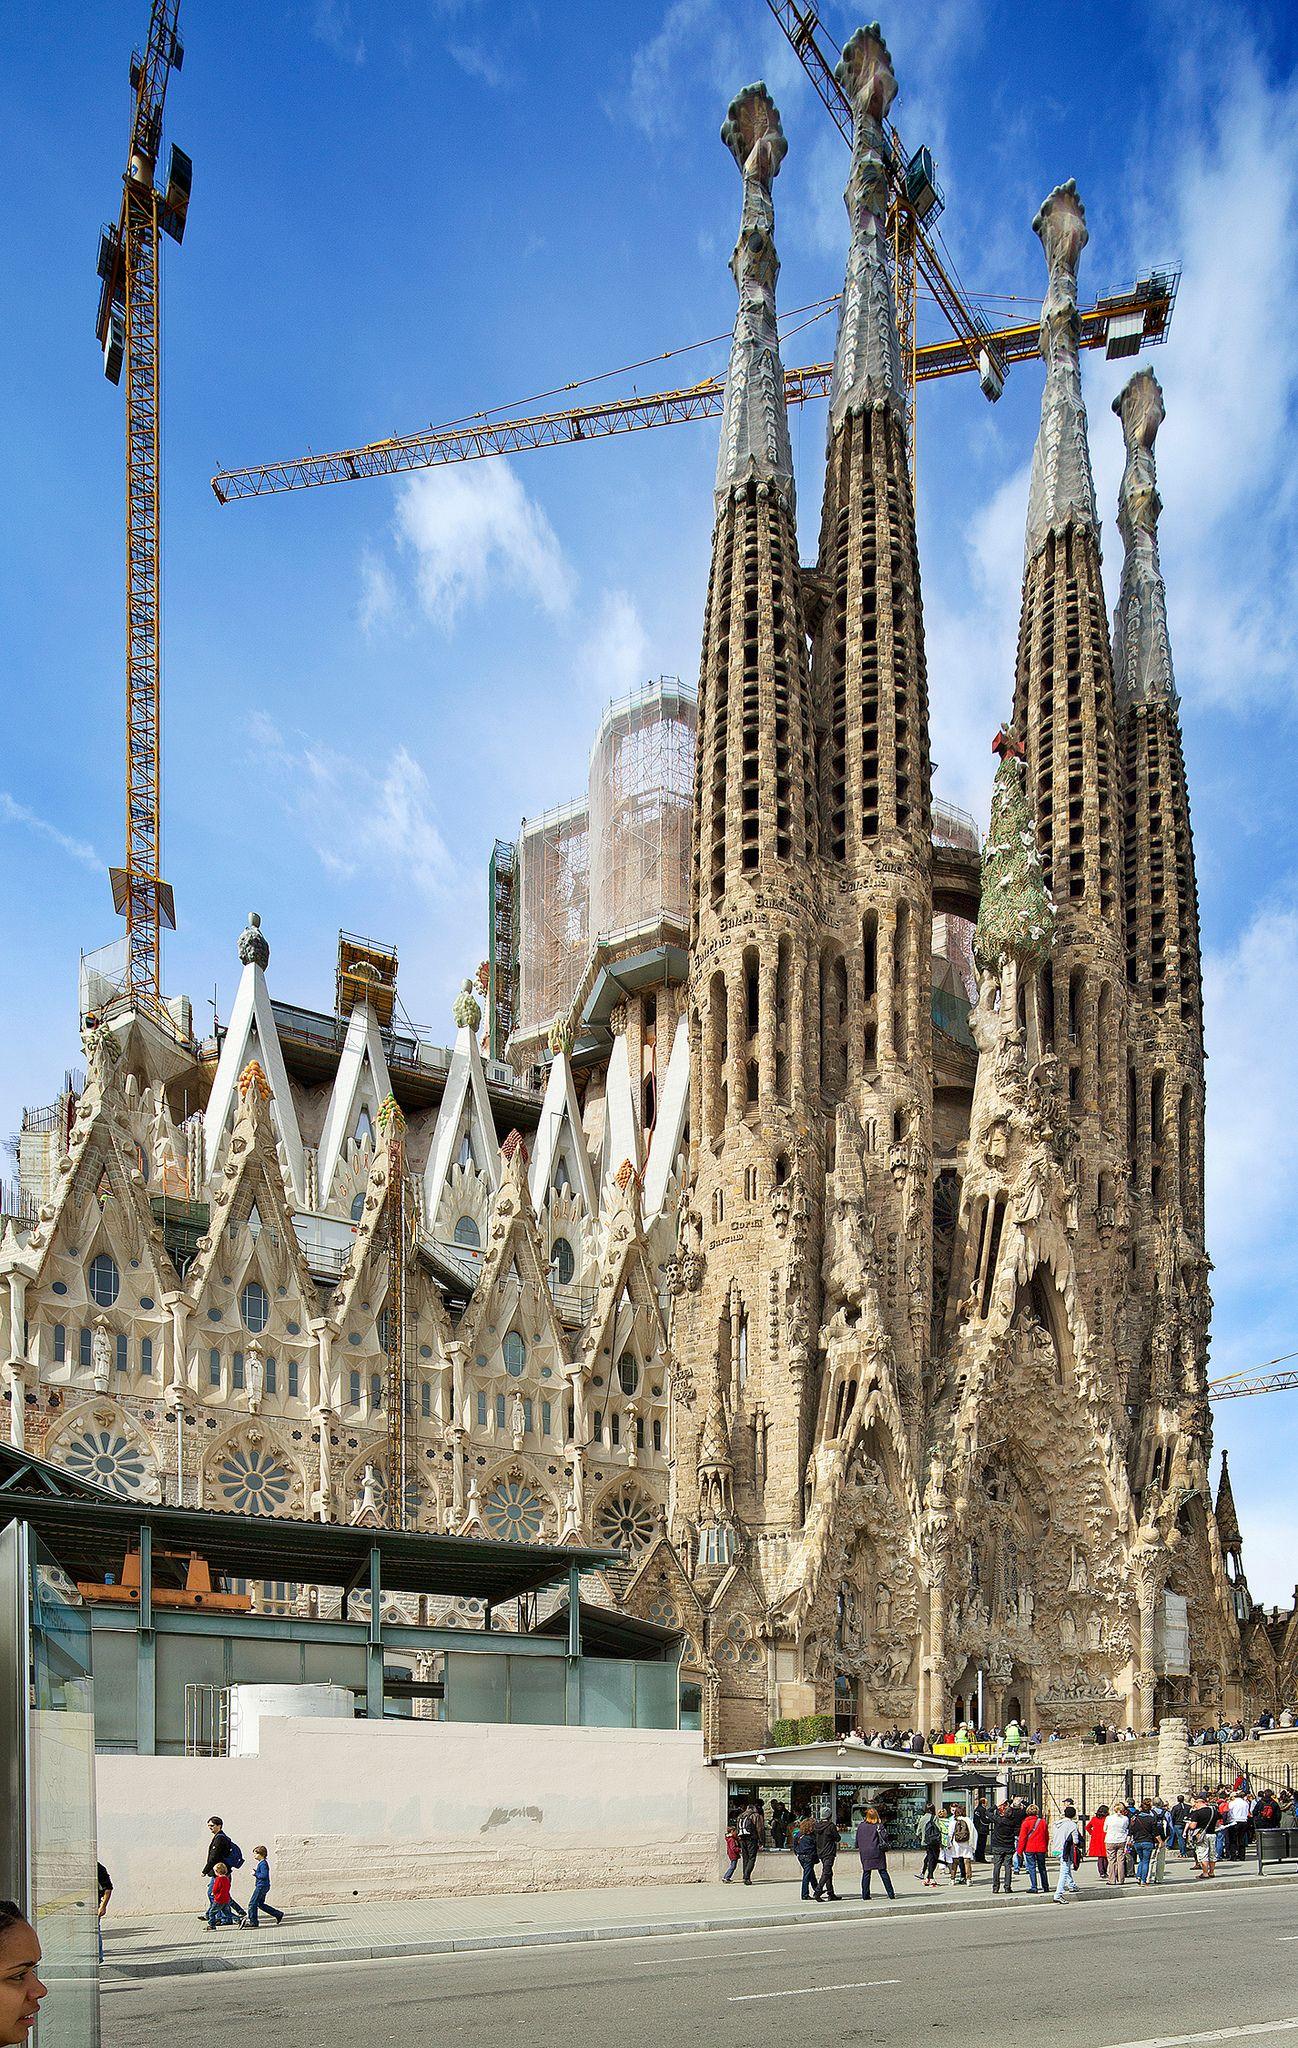 La Sagrada Familia Barcelona Spain Antoni Gaudi Antoni Gaudi Gaudi Gaudi Barcelona